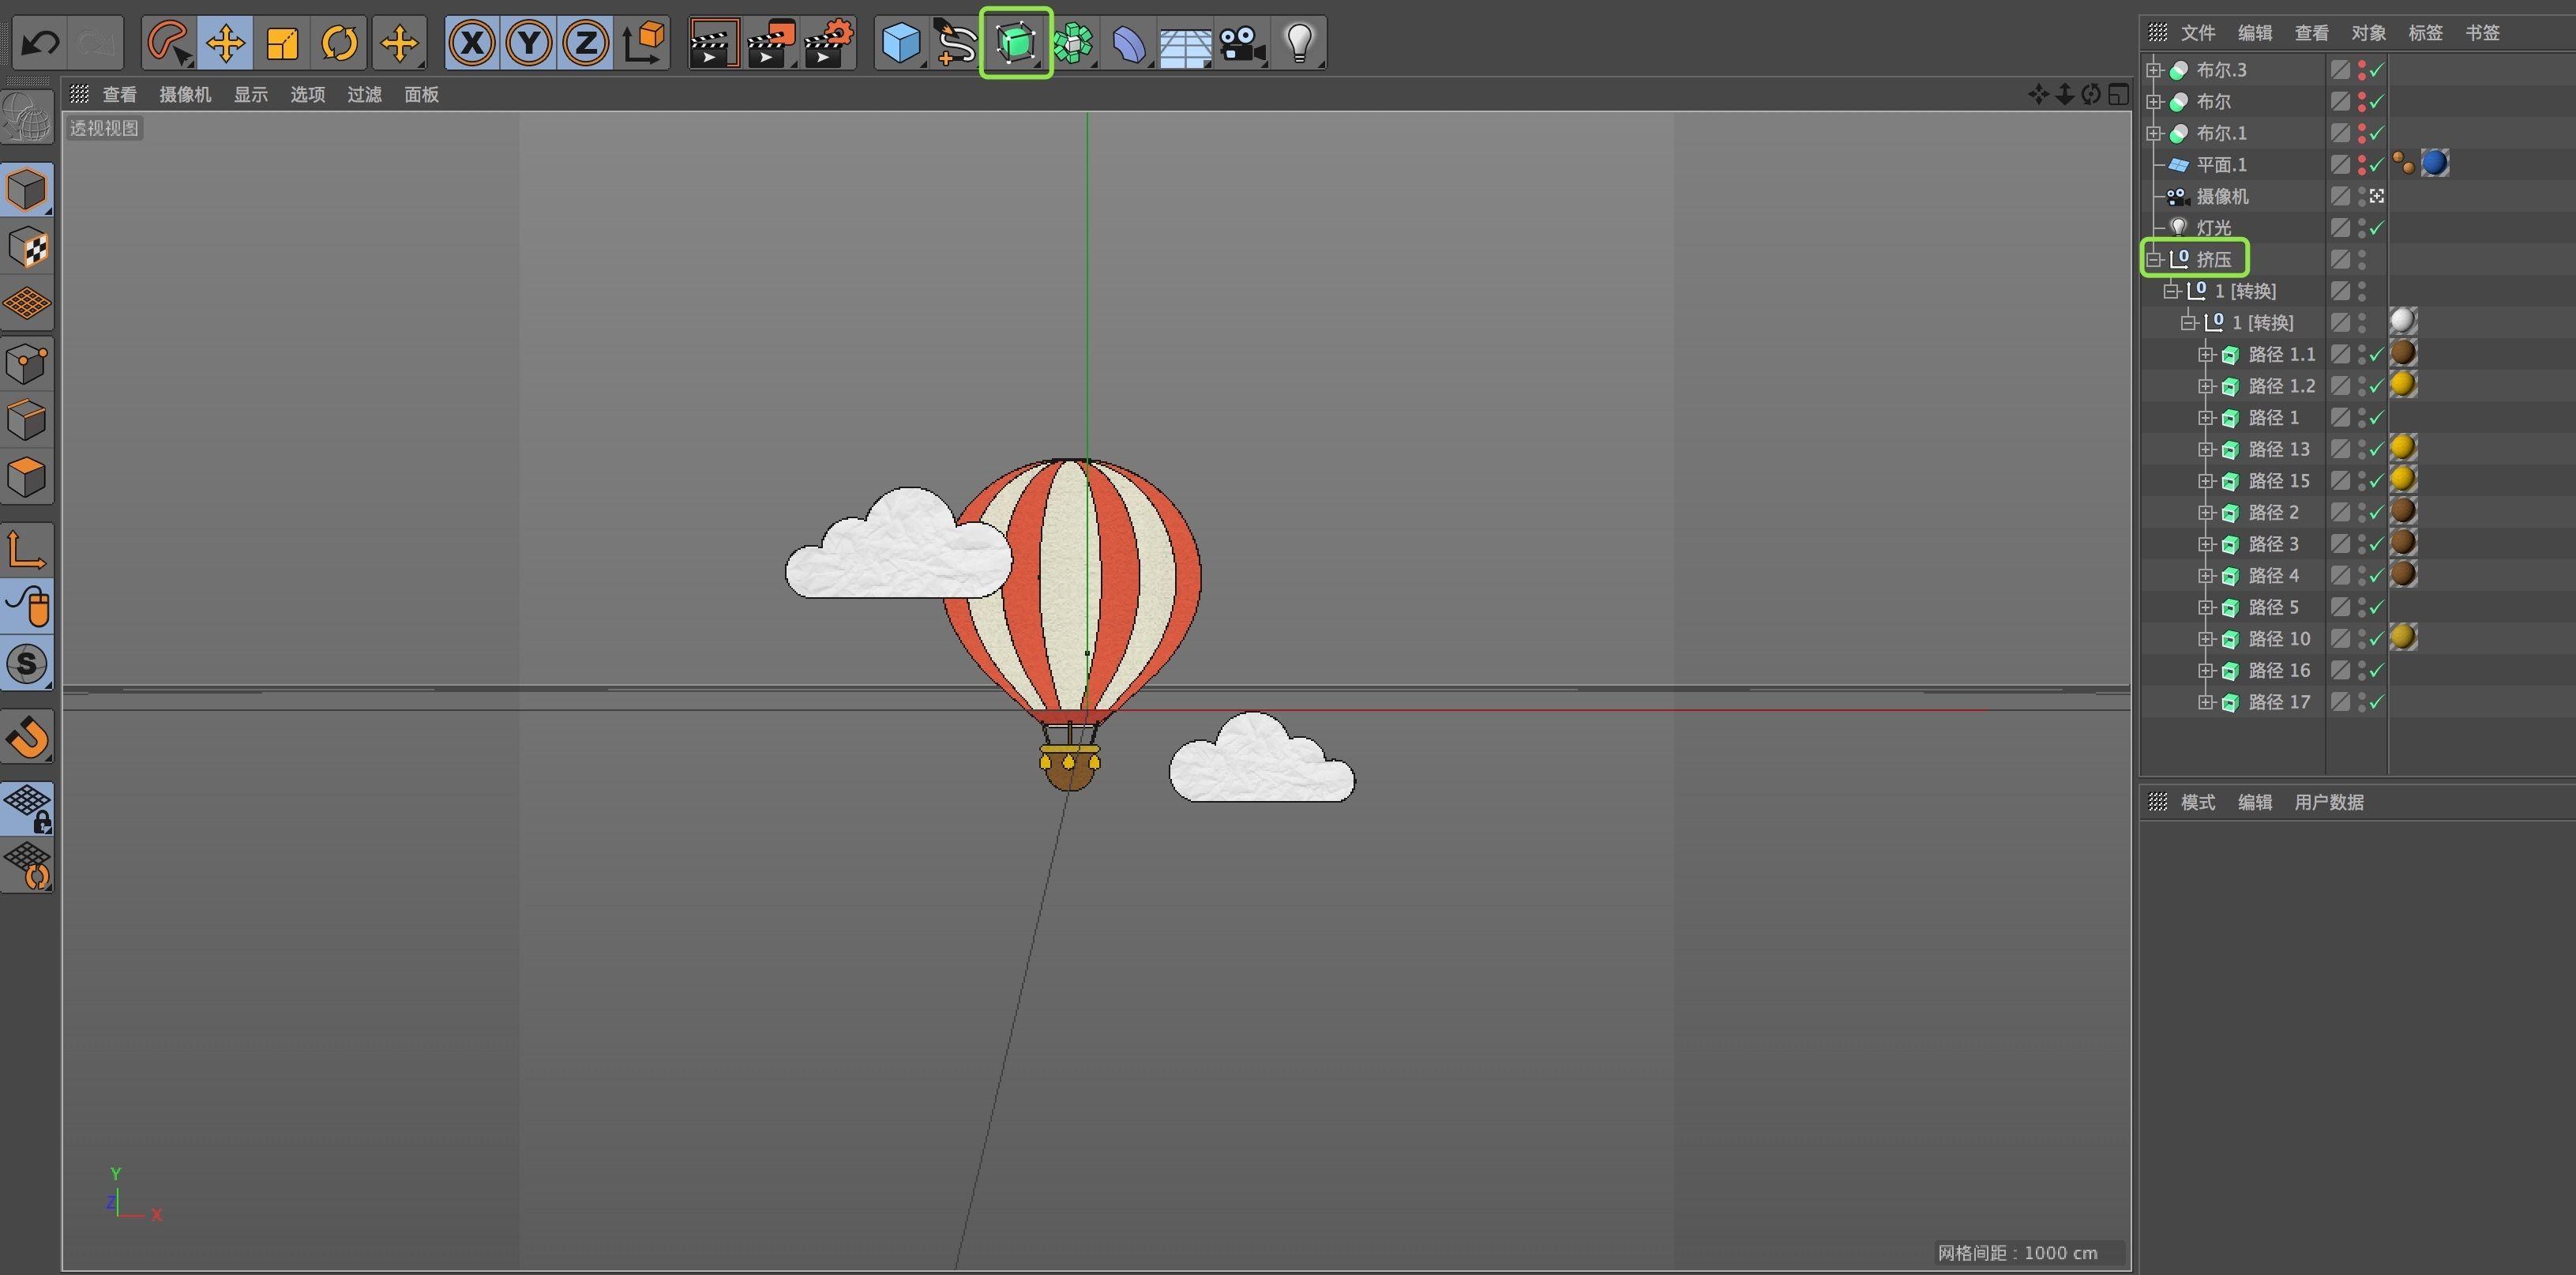 待改-C4D简单制作剪纸效果小插画(2)